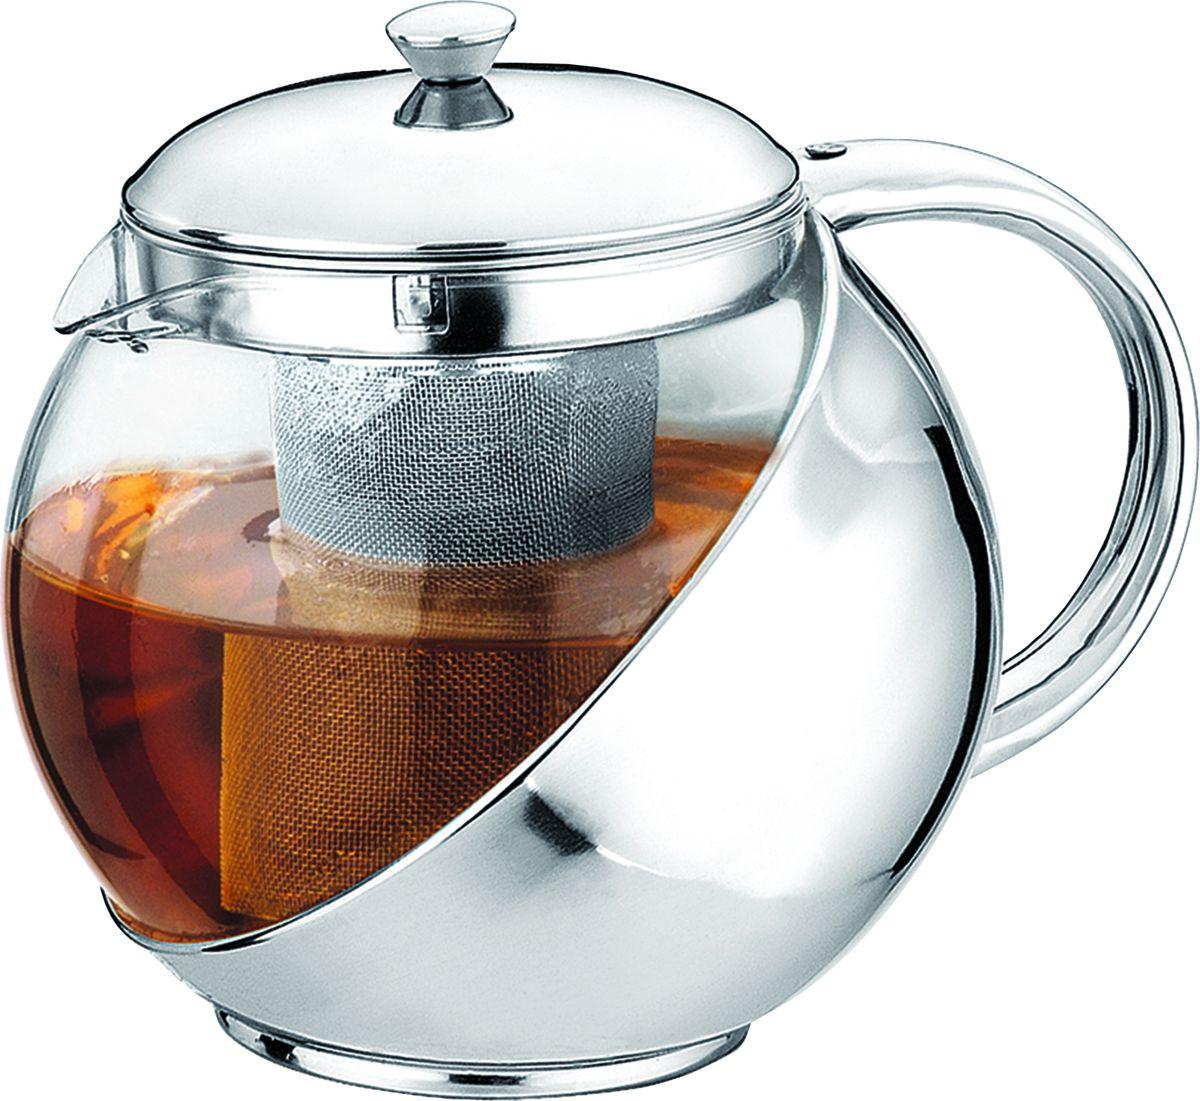 Чайник заварочный Irit, цвет: серебристый, 1,1 лKTZ-11-023Чайник заварочный 1.1 л. Чайник изготовлен из жаропрочного стекла. Фильтр из высококачественной нержавеющей стали. Оправа из стали защищает колбу от ударов и повреждений.